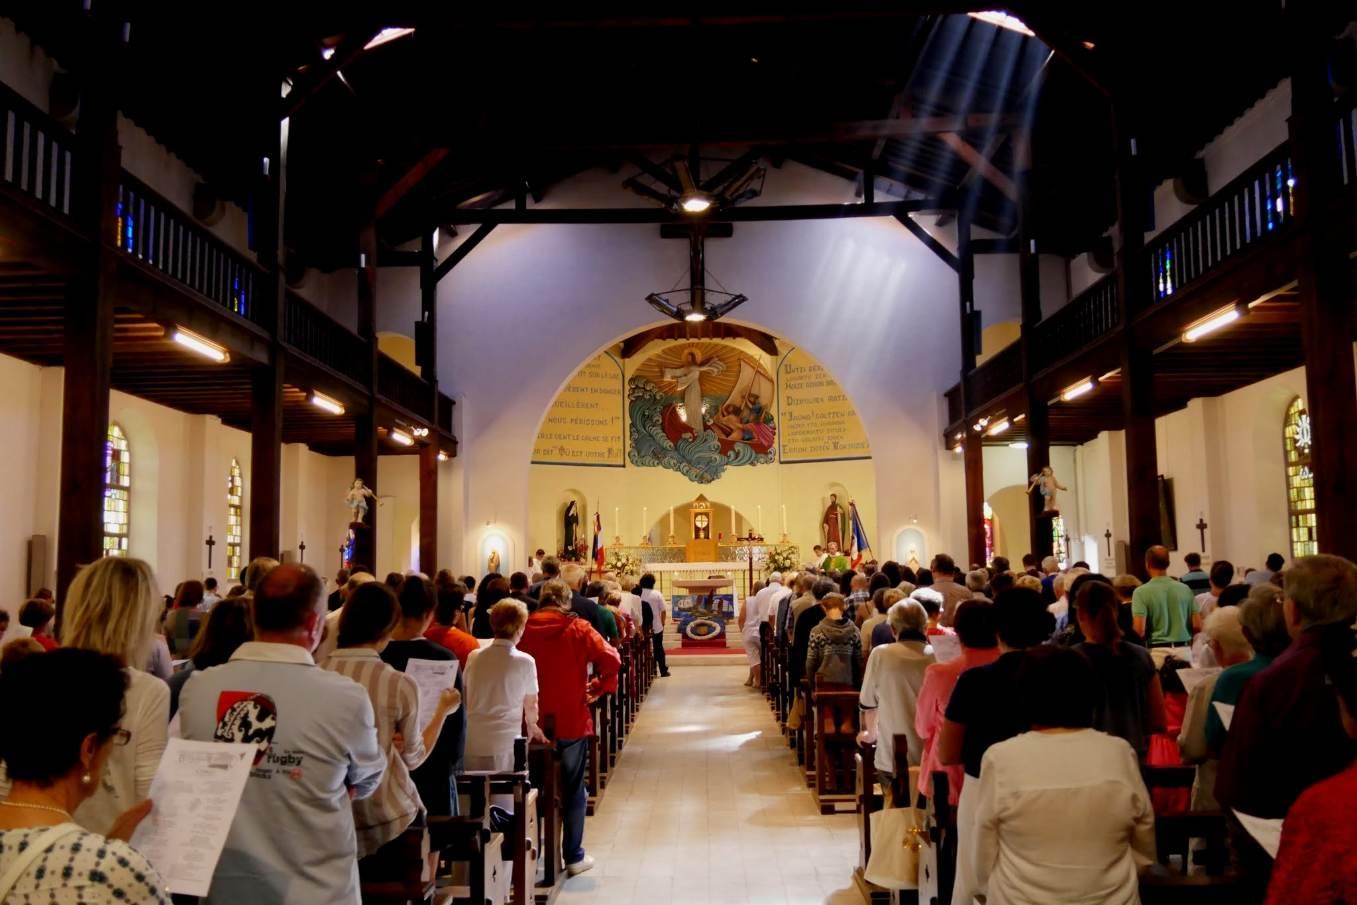 23 juillet - Messe à l'église sainte Anne pour de la fête de la mer